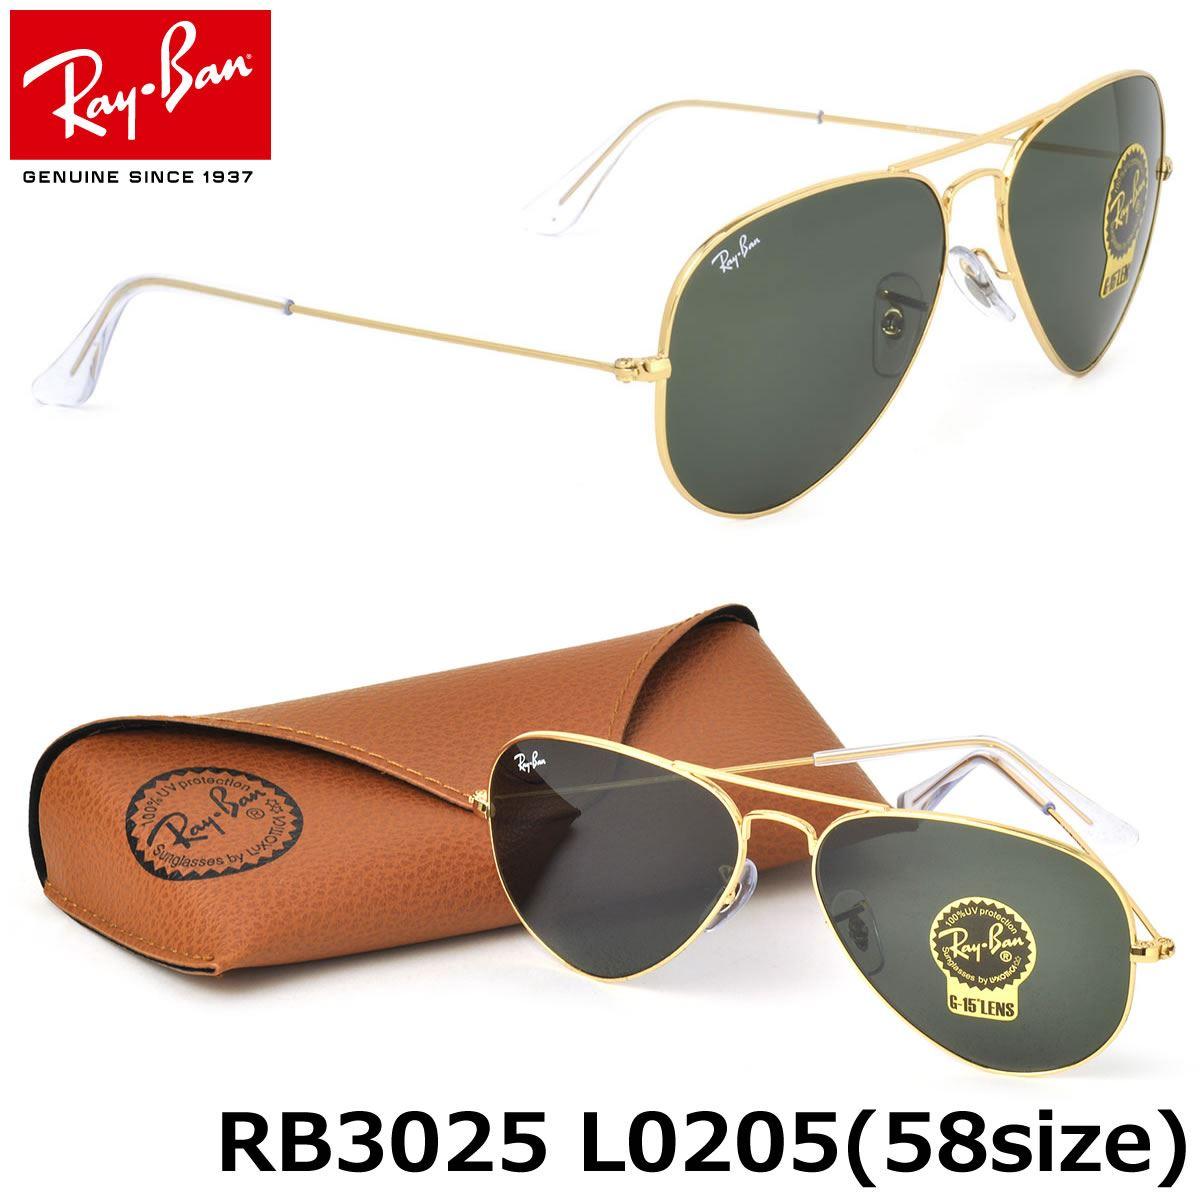 1d8f75d41f Lentes de Sol Ray Ban Aviador RB3025 L0205 Clasico talla 58mm | Juntoz.com